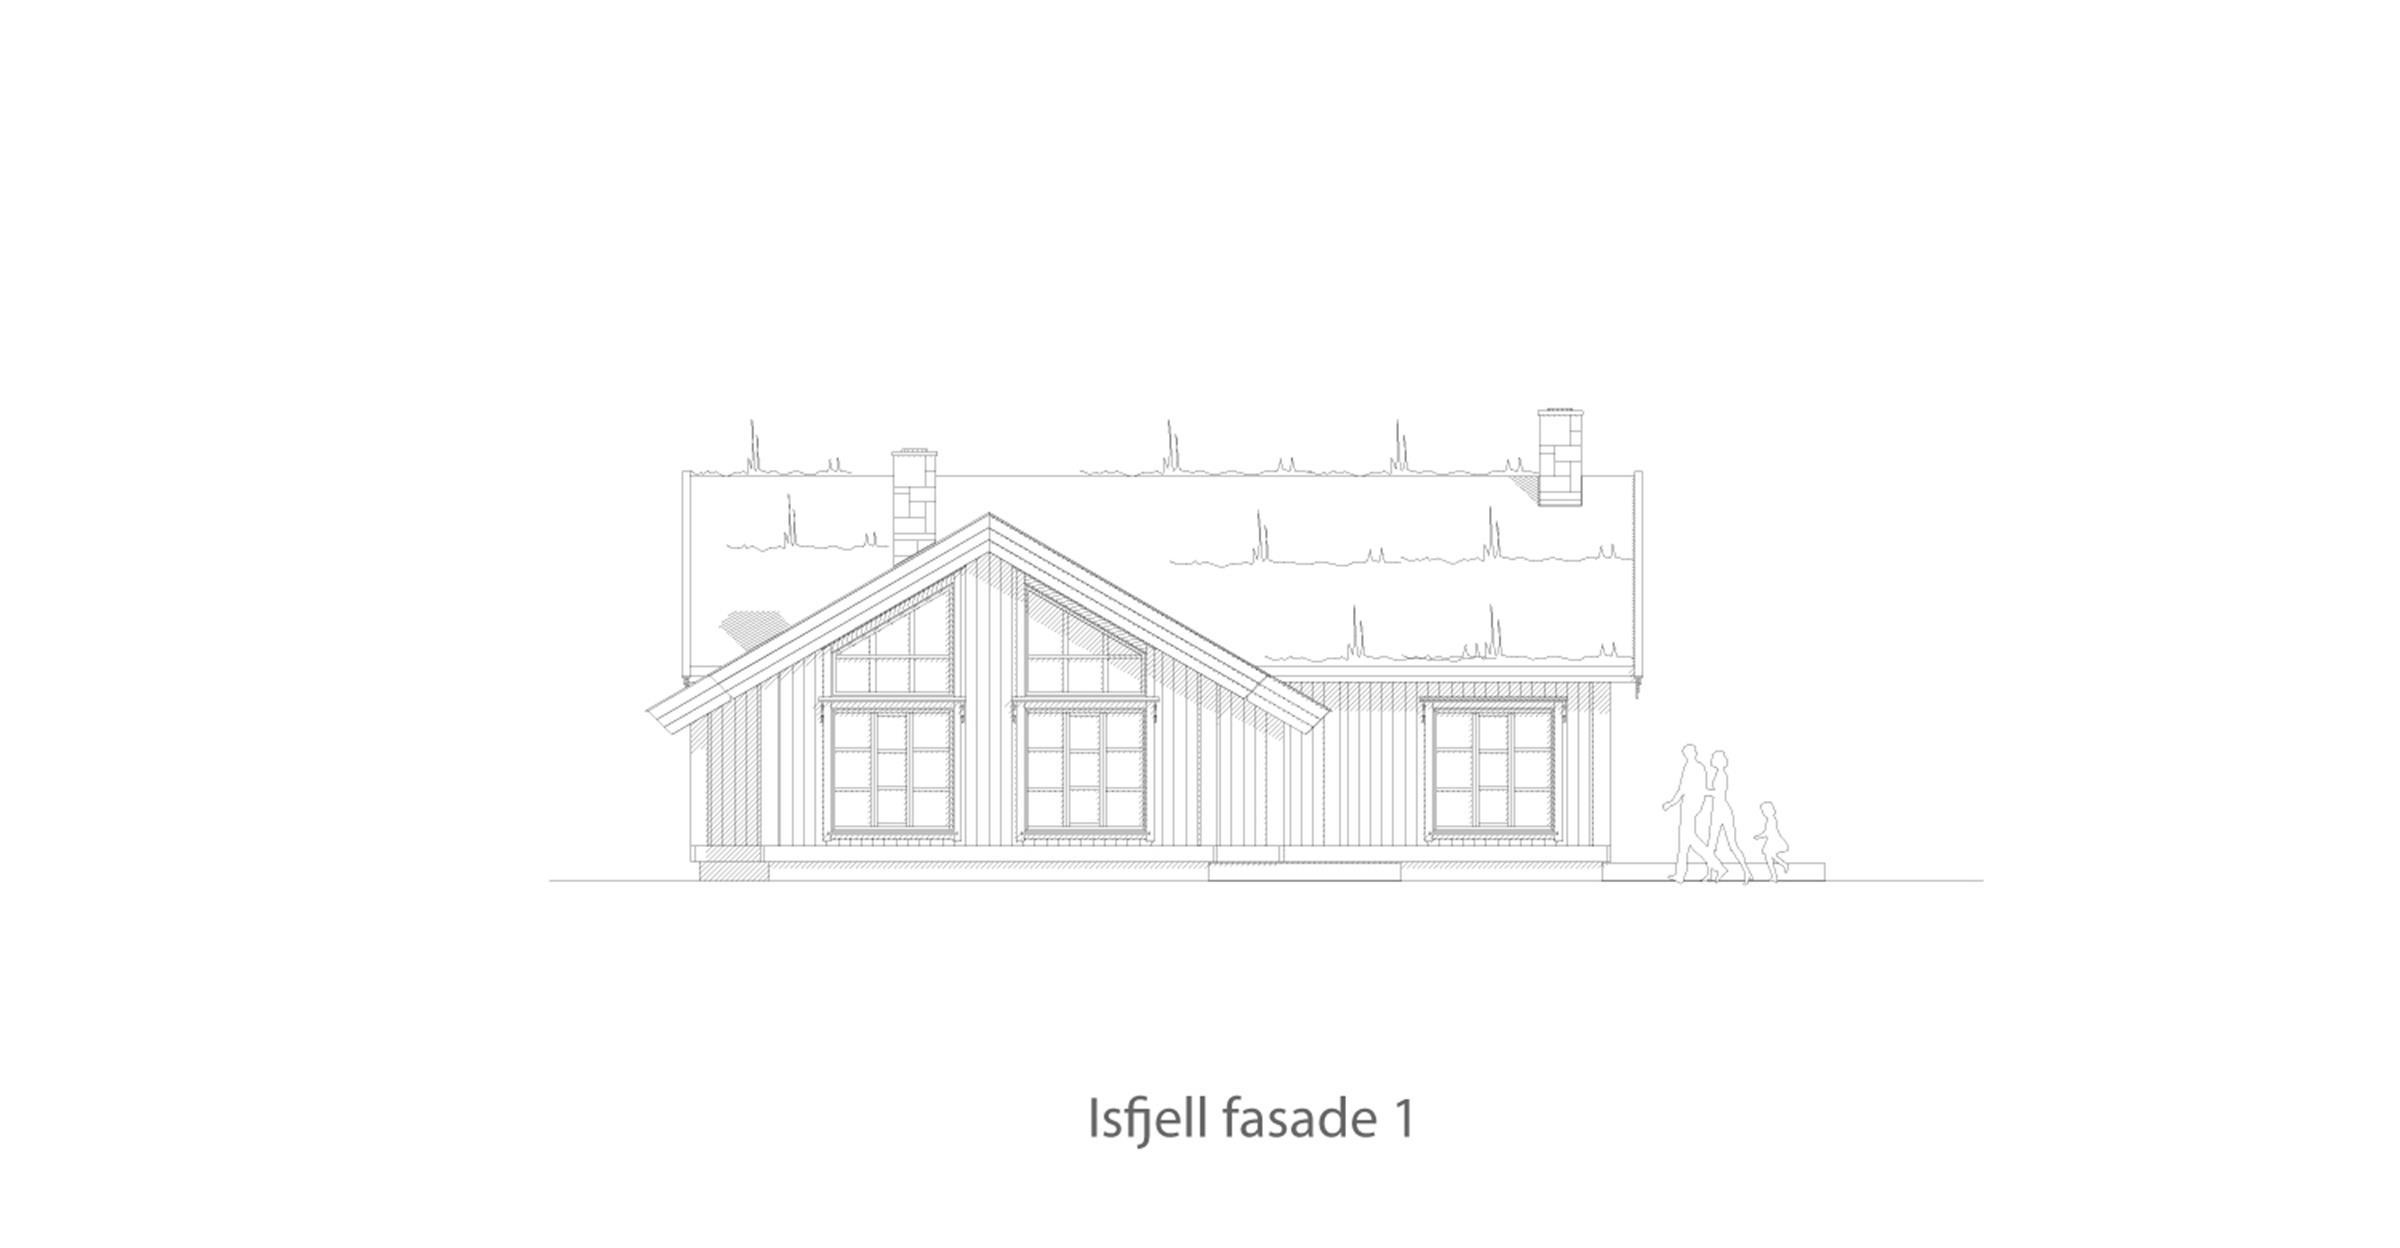 Isfjell fasade 1